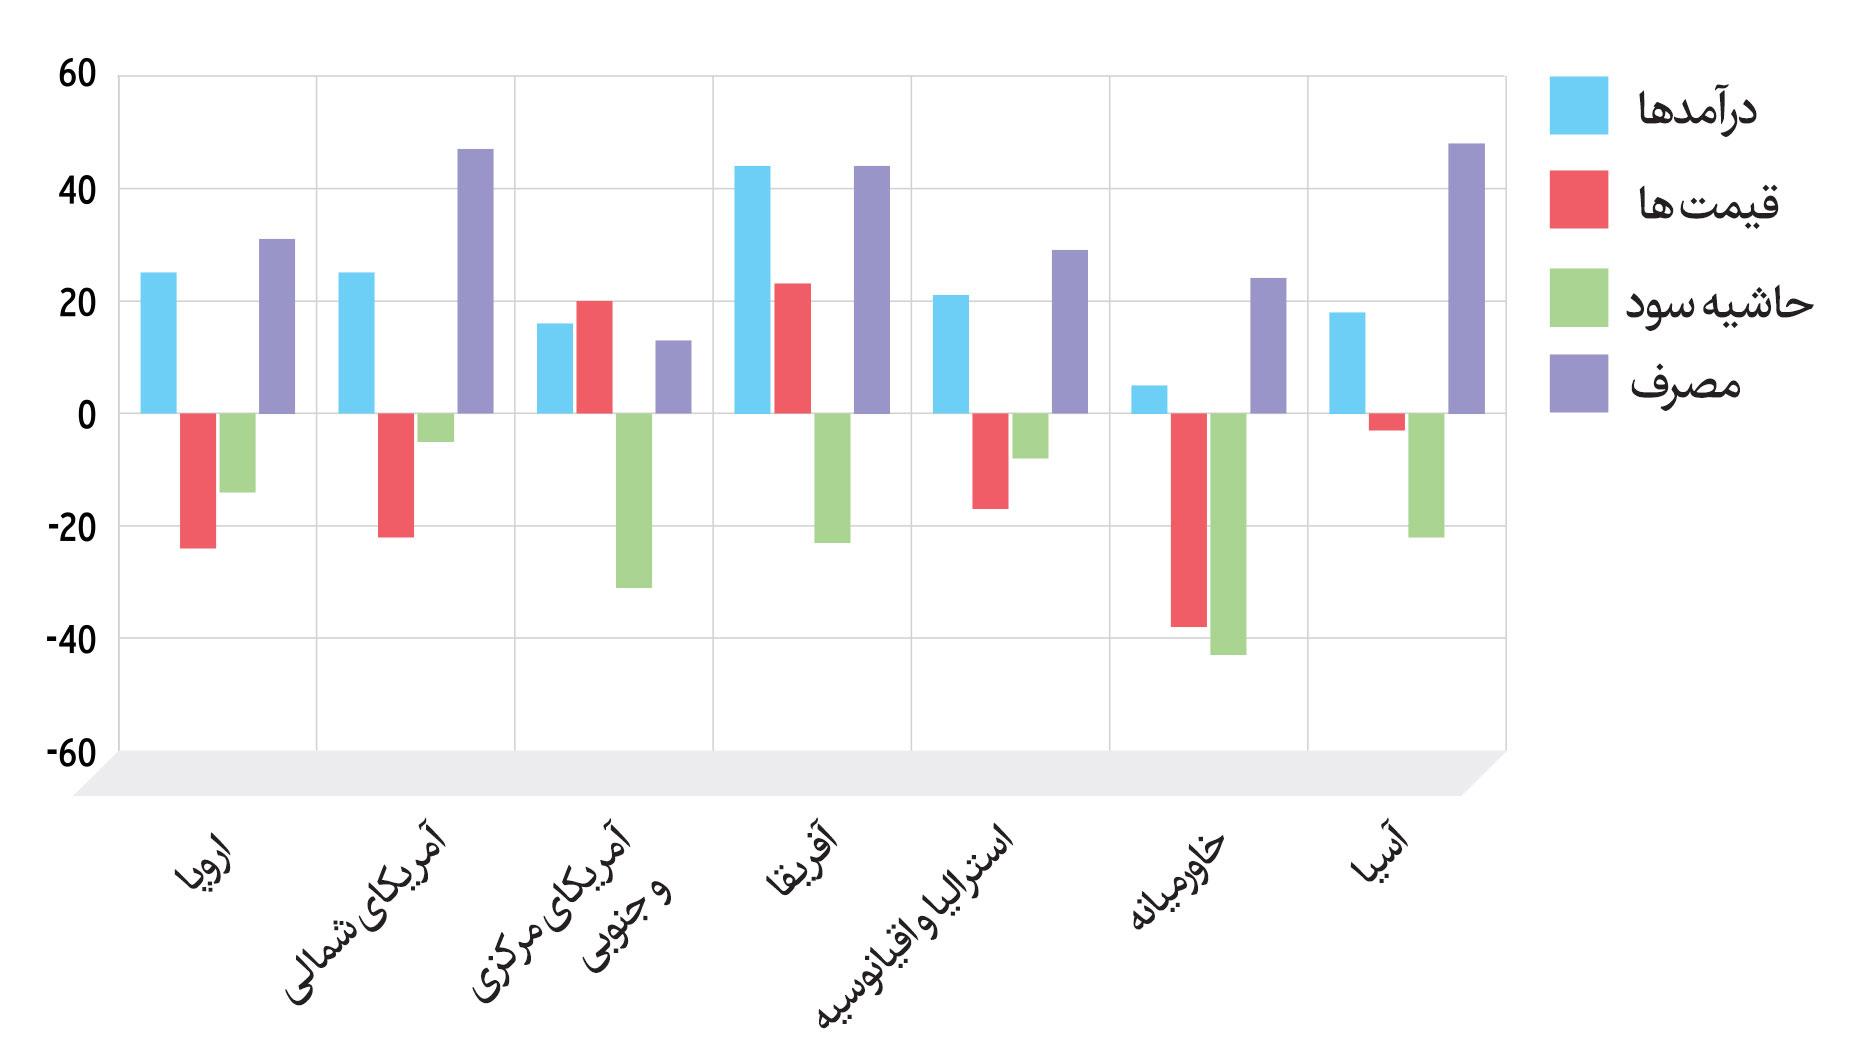 شاخص های مالی چاپخانه ها براساس منطقه - در سال 2016